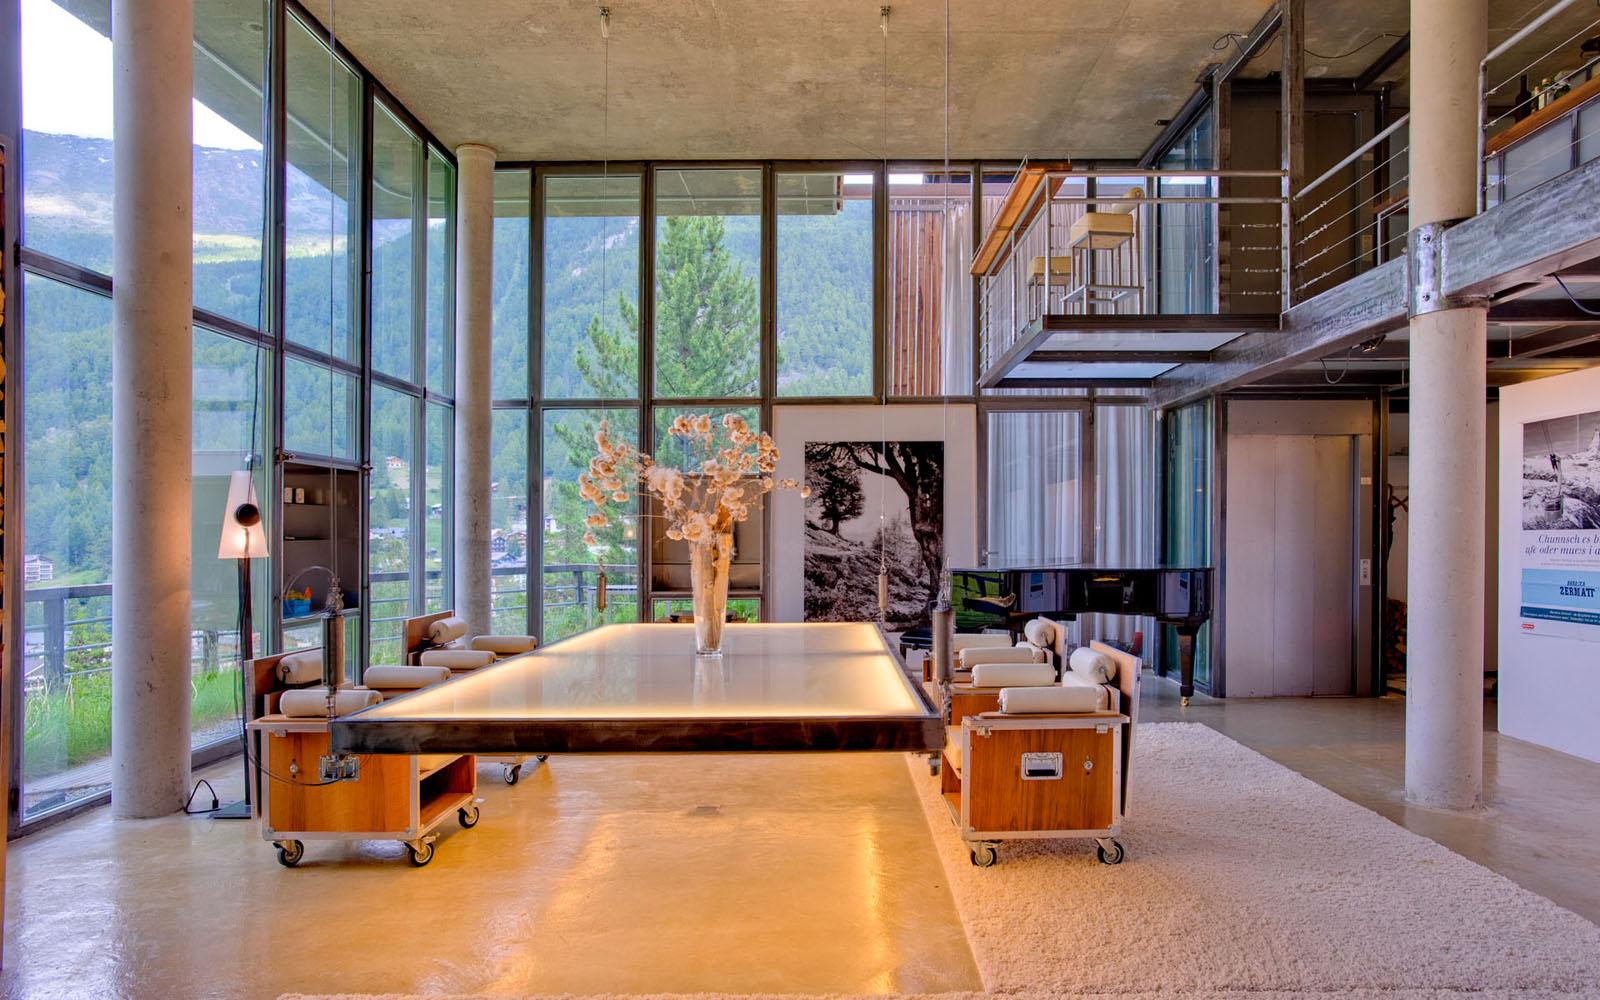 Heinz Julen Ultra Contemporary Mountain Chalet Loft